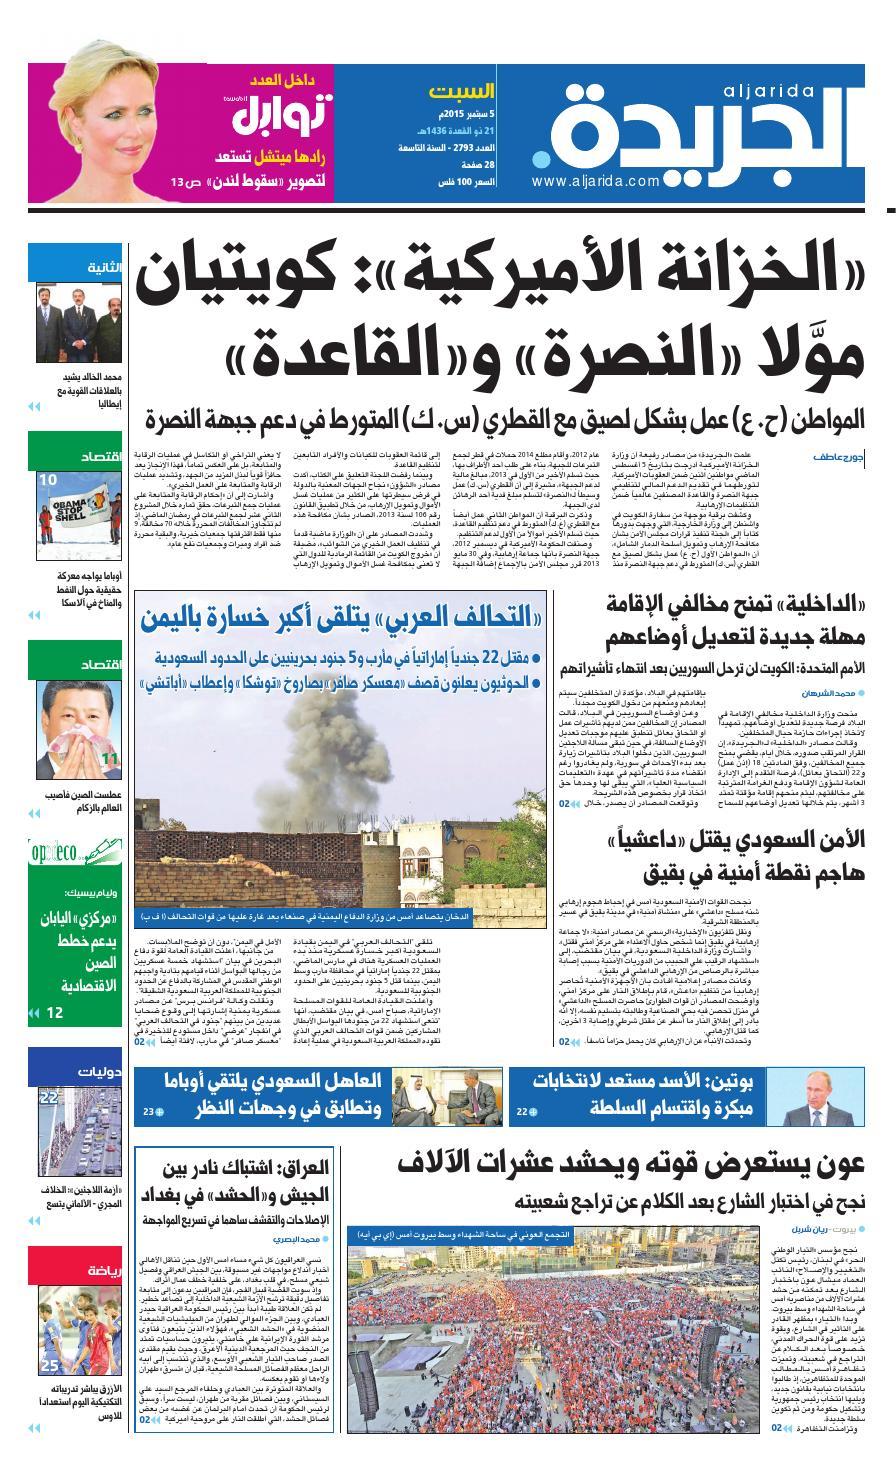 bf4162624a4a1 عدد الجريدة 05 سبتمبر 2015 by Aljarida Newspaper - issuu